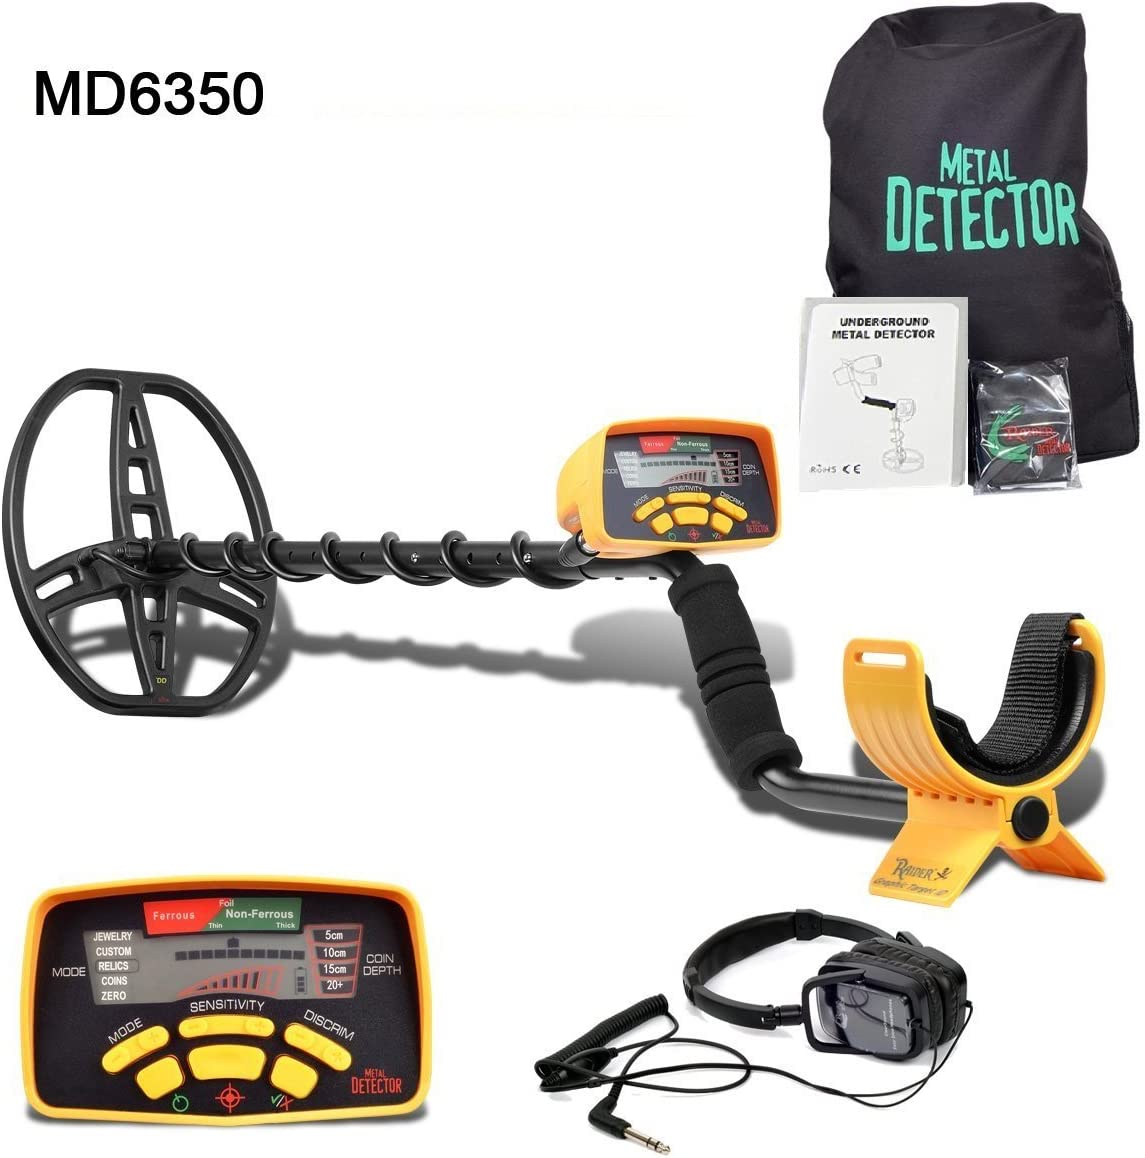 XIRUI MD-6350 - Detector de metales profesional de alta sensibilidad y resistencia al agua para cazador - Pantalla LCD Detecta todos los metales - Tallo ajustable, amarillo: Amazon.es: Jardín